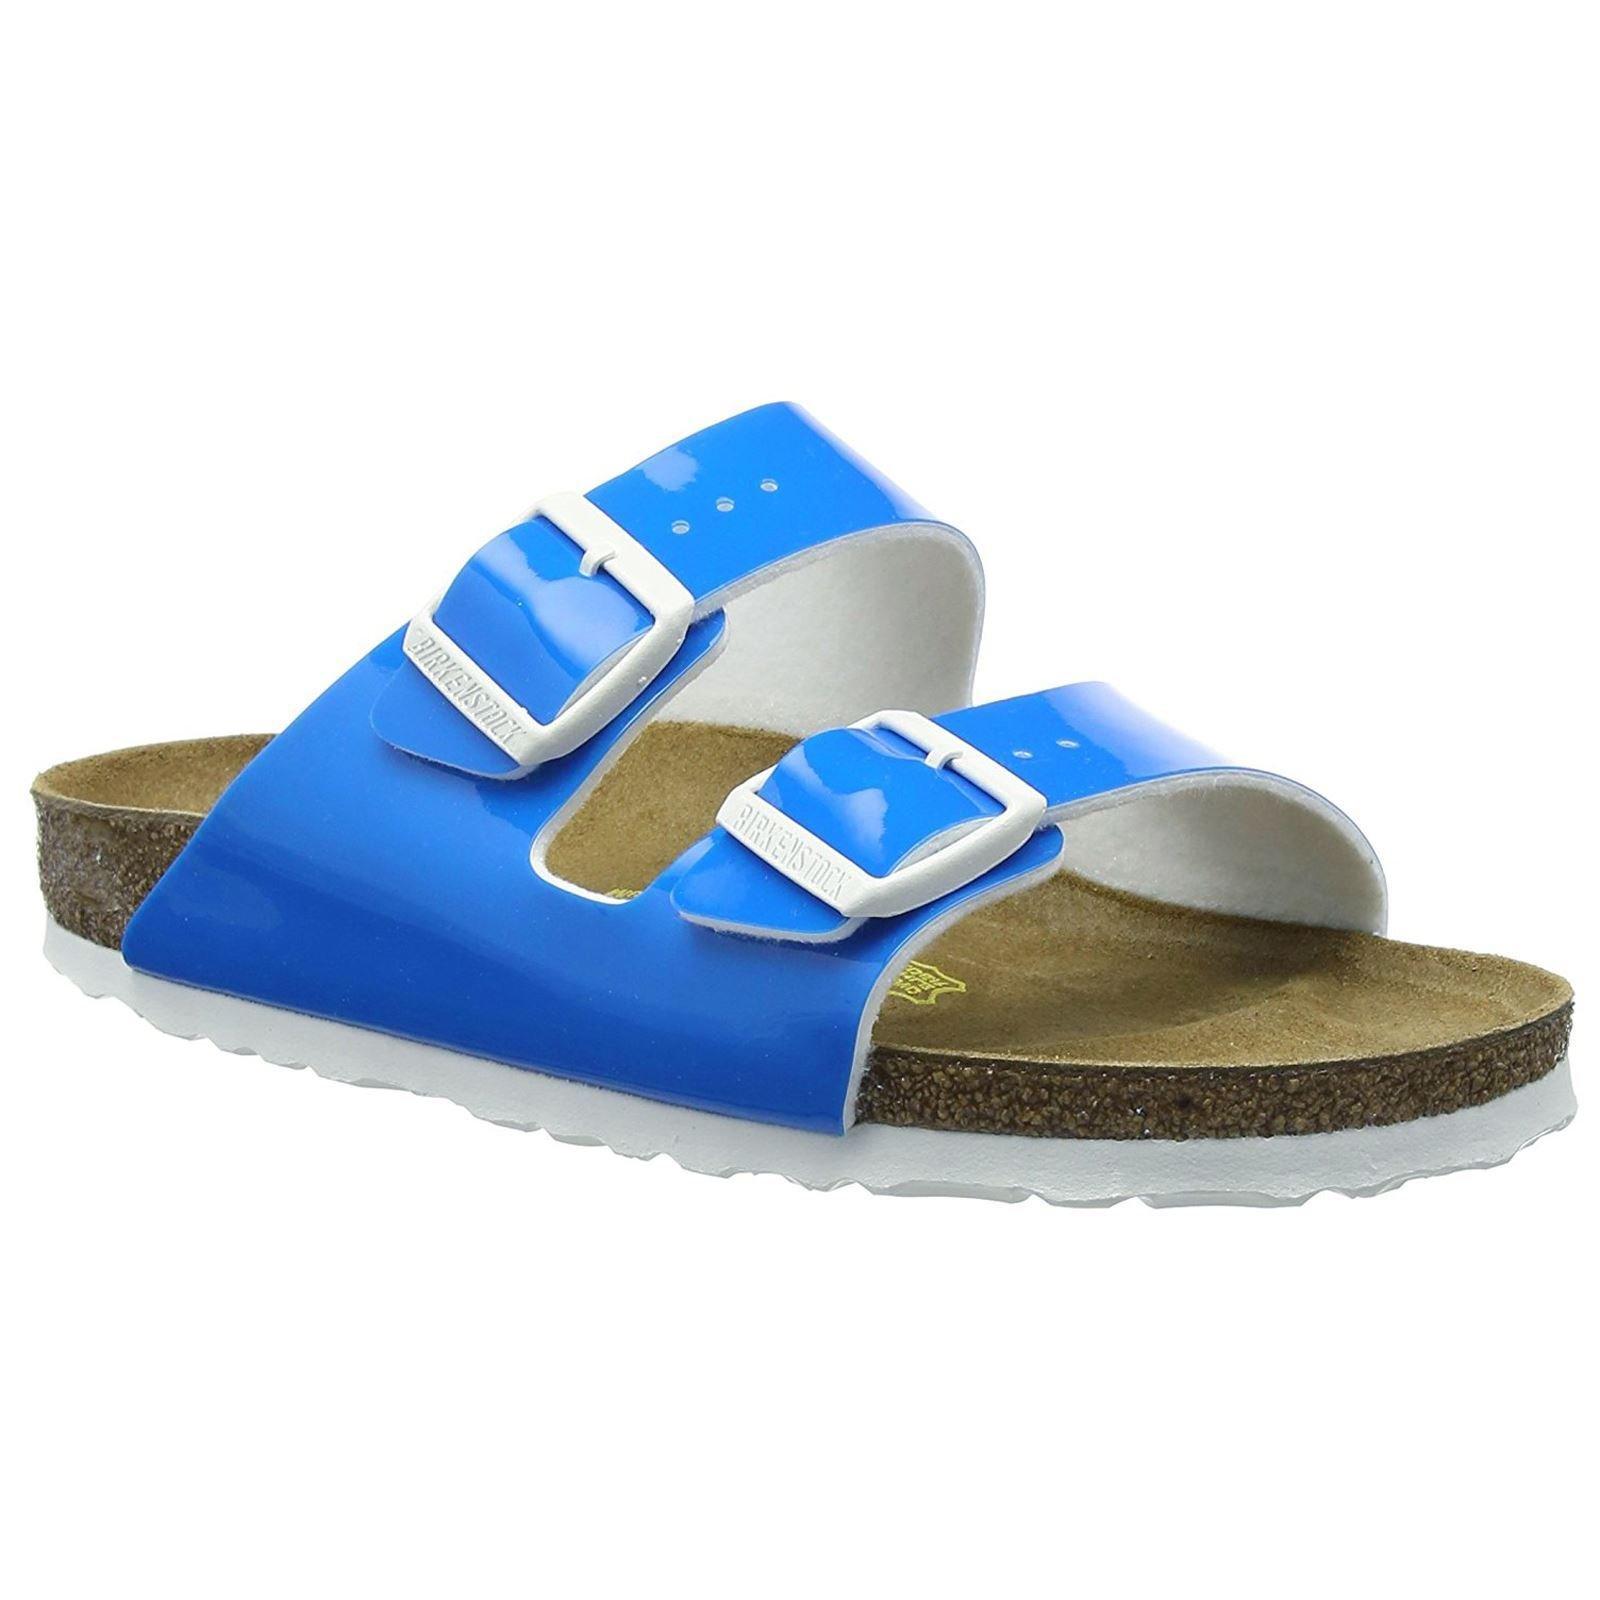 Birkenstock Women's Arizona Neon Blue Patent Birko-Flor 39 N